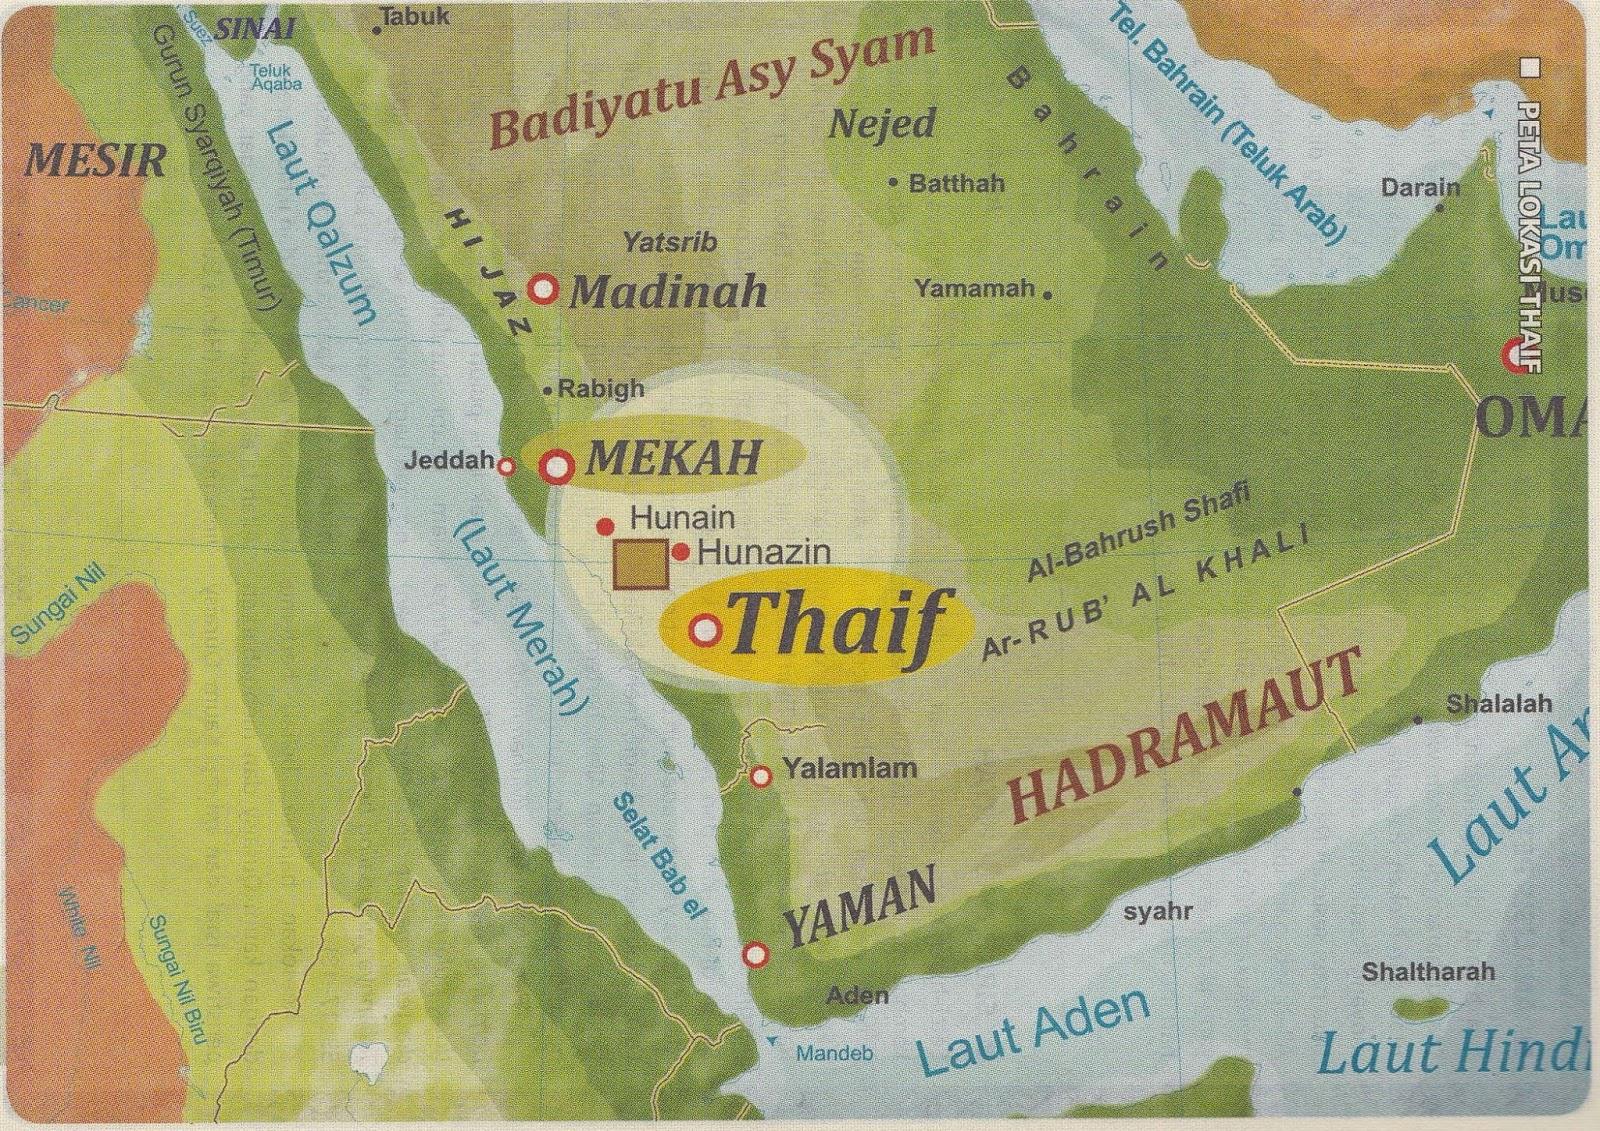 Foto kota thaif, Muhammad SAW, sejarah